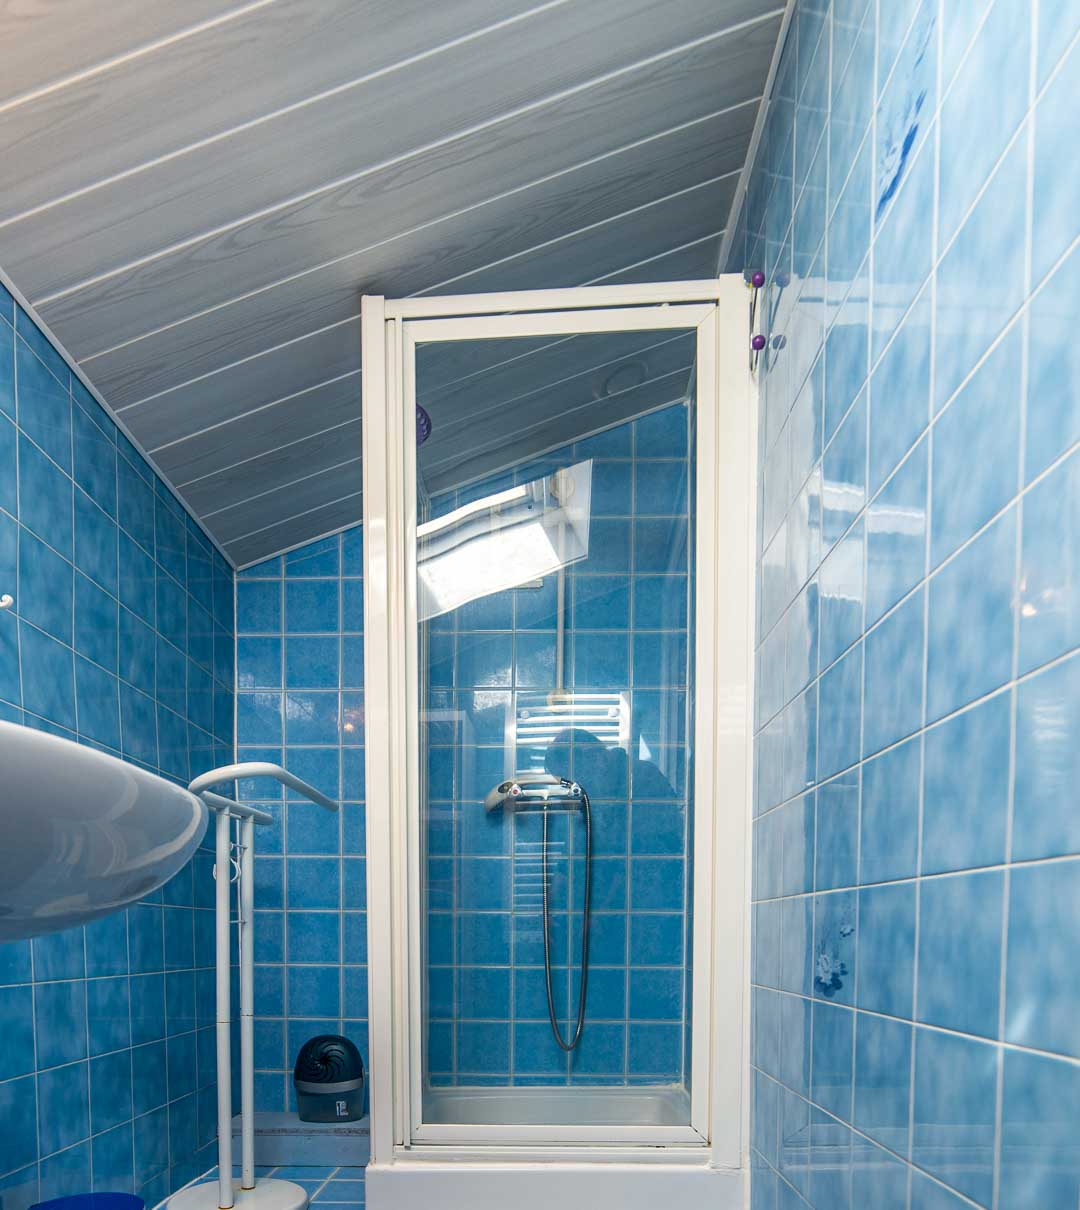 loctudy - salle de bain douche - location loctudy - bord de mer